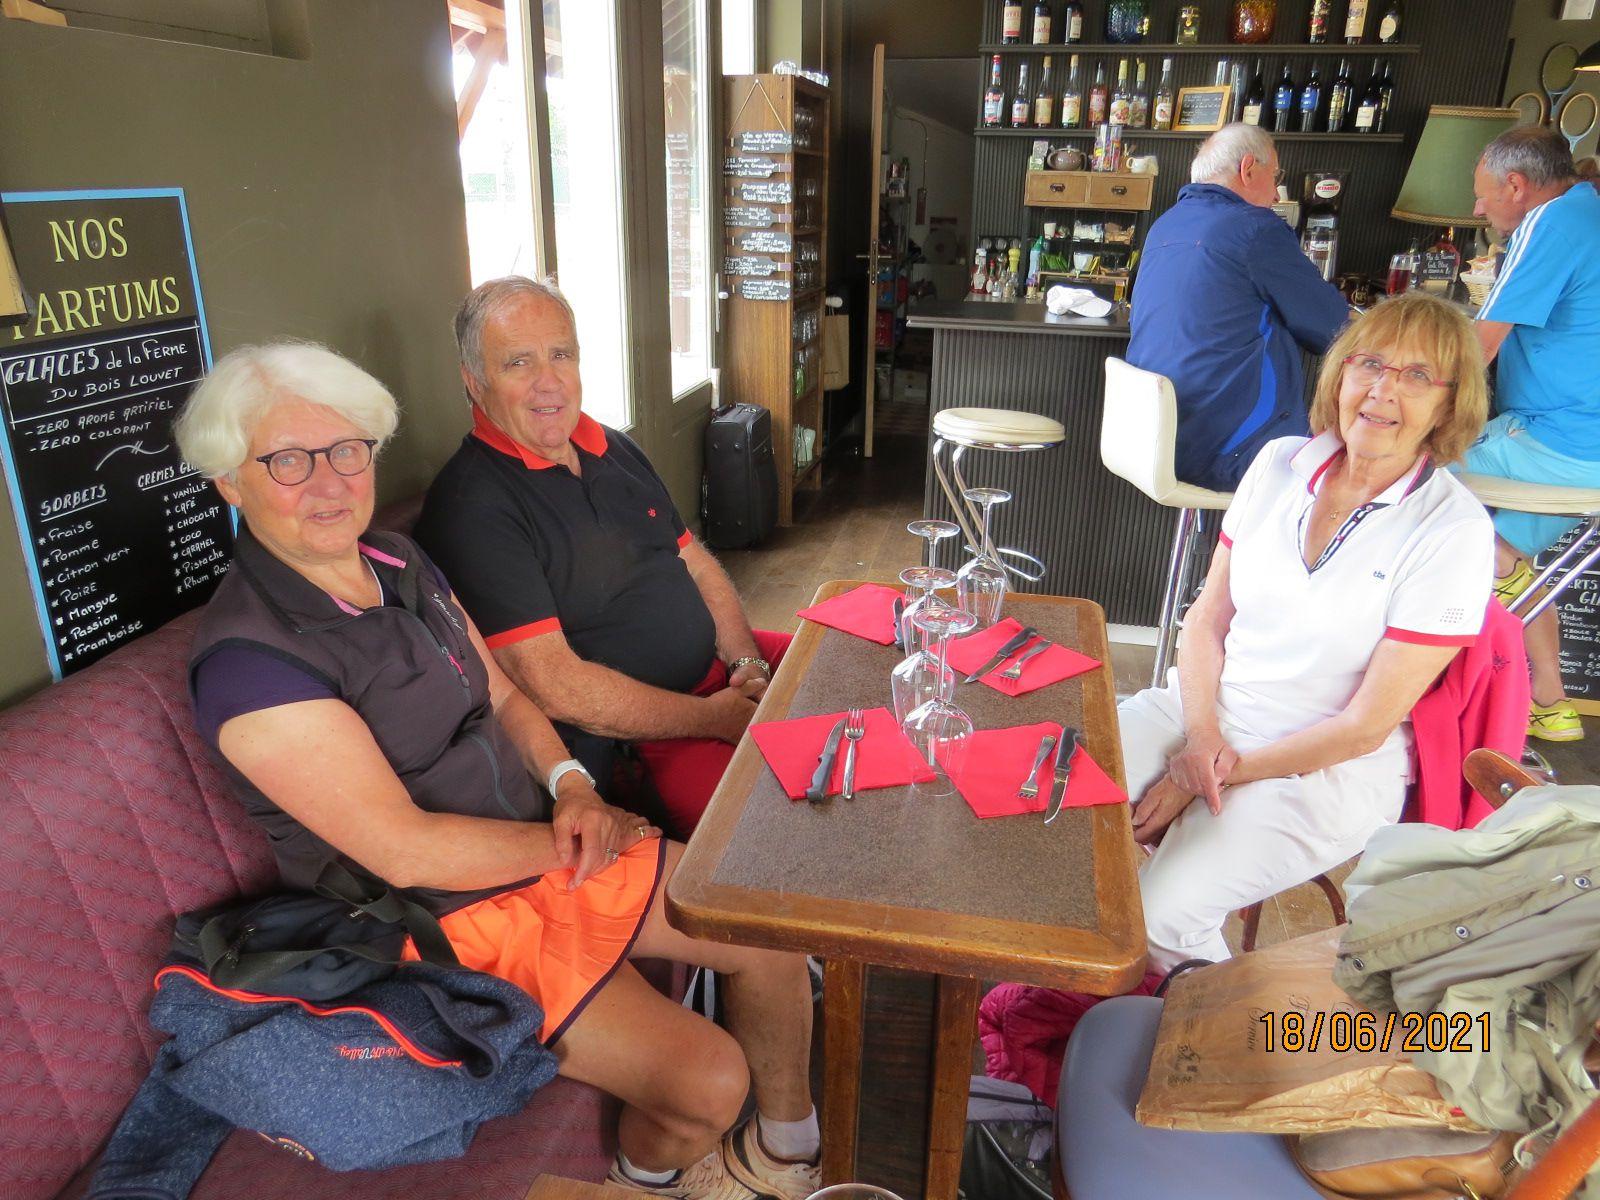 Rencontre Amicale à Cabourg 18 juin 2021